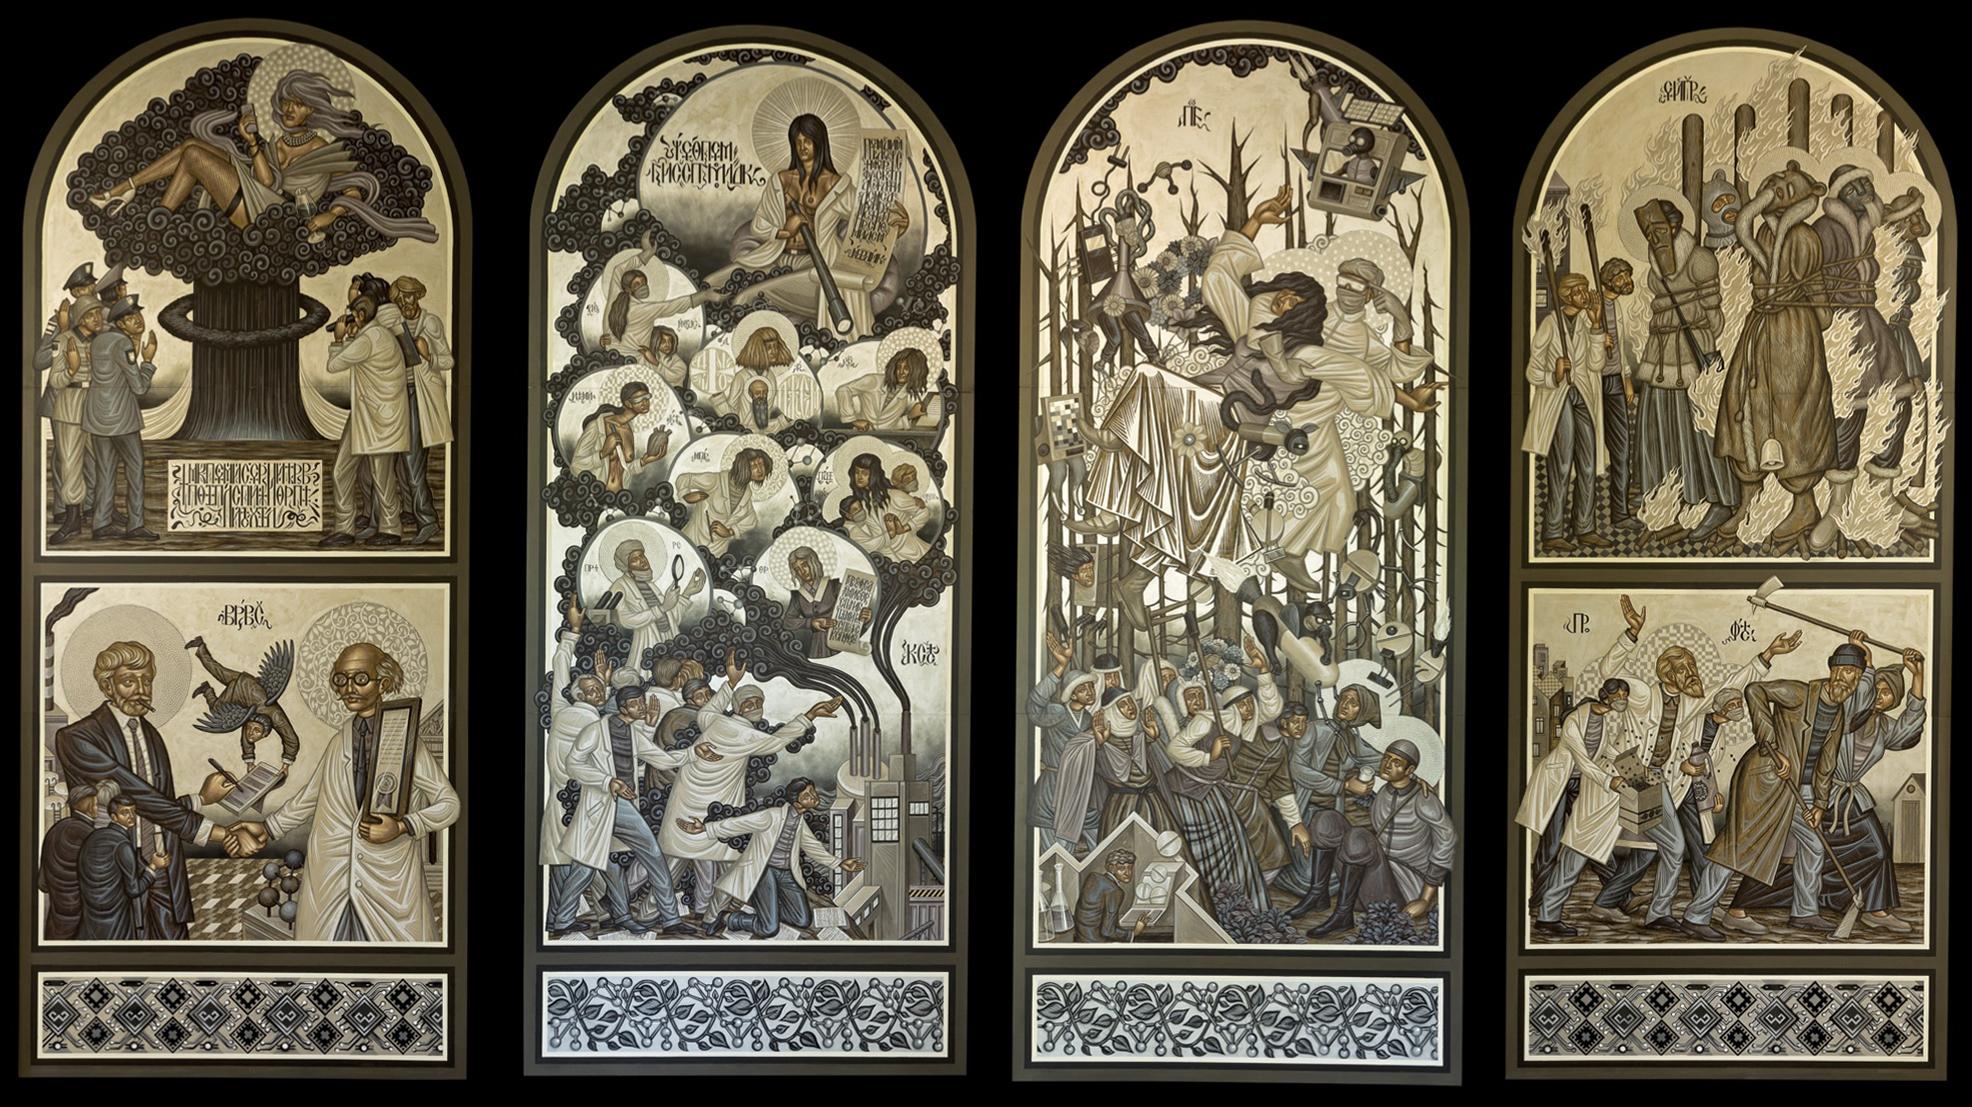 """Stelios Faitakis """"New Religion"""" mixed media on dibond panels 433 x 184 cm each"""